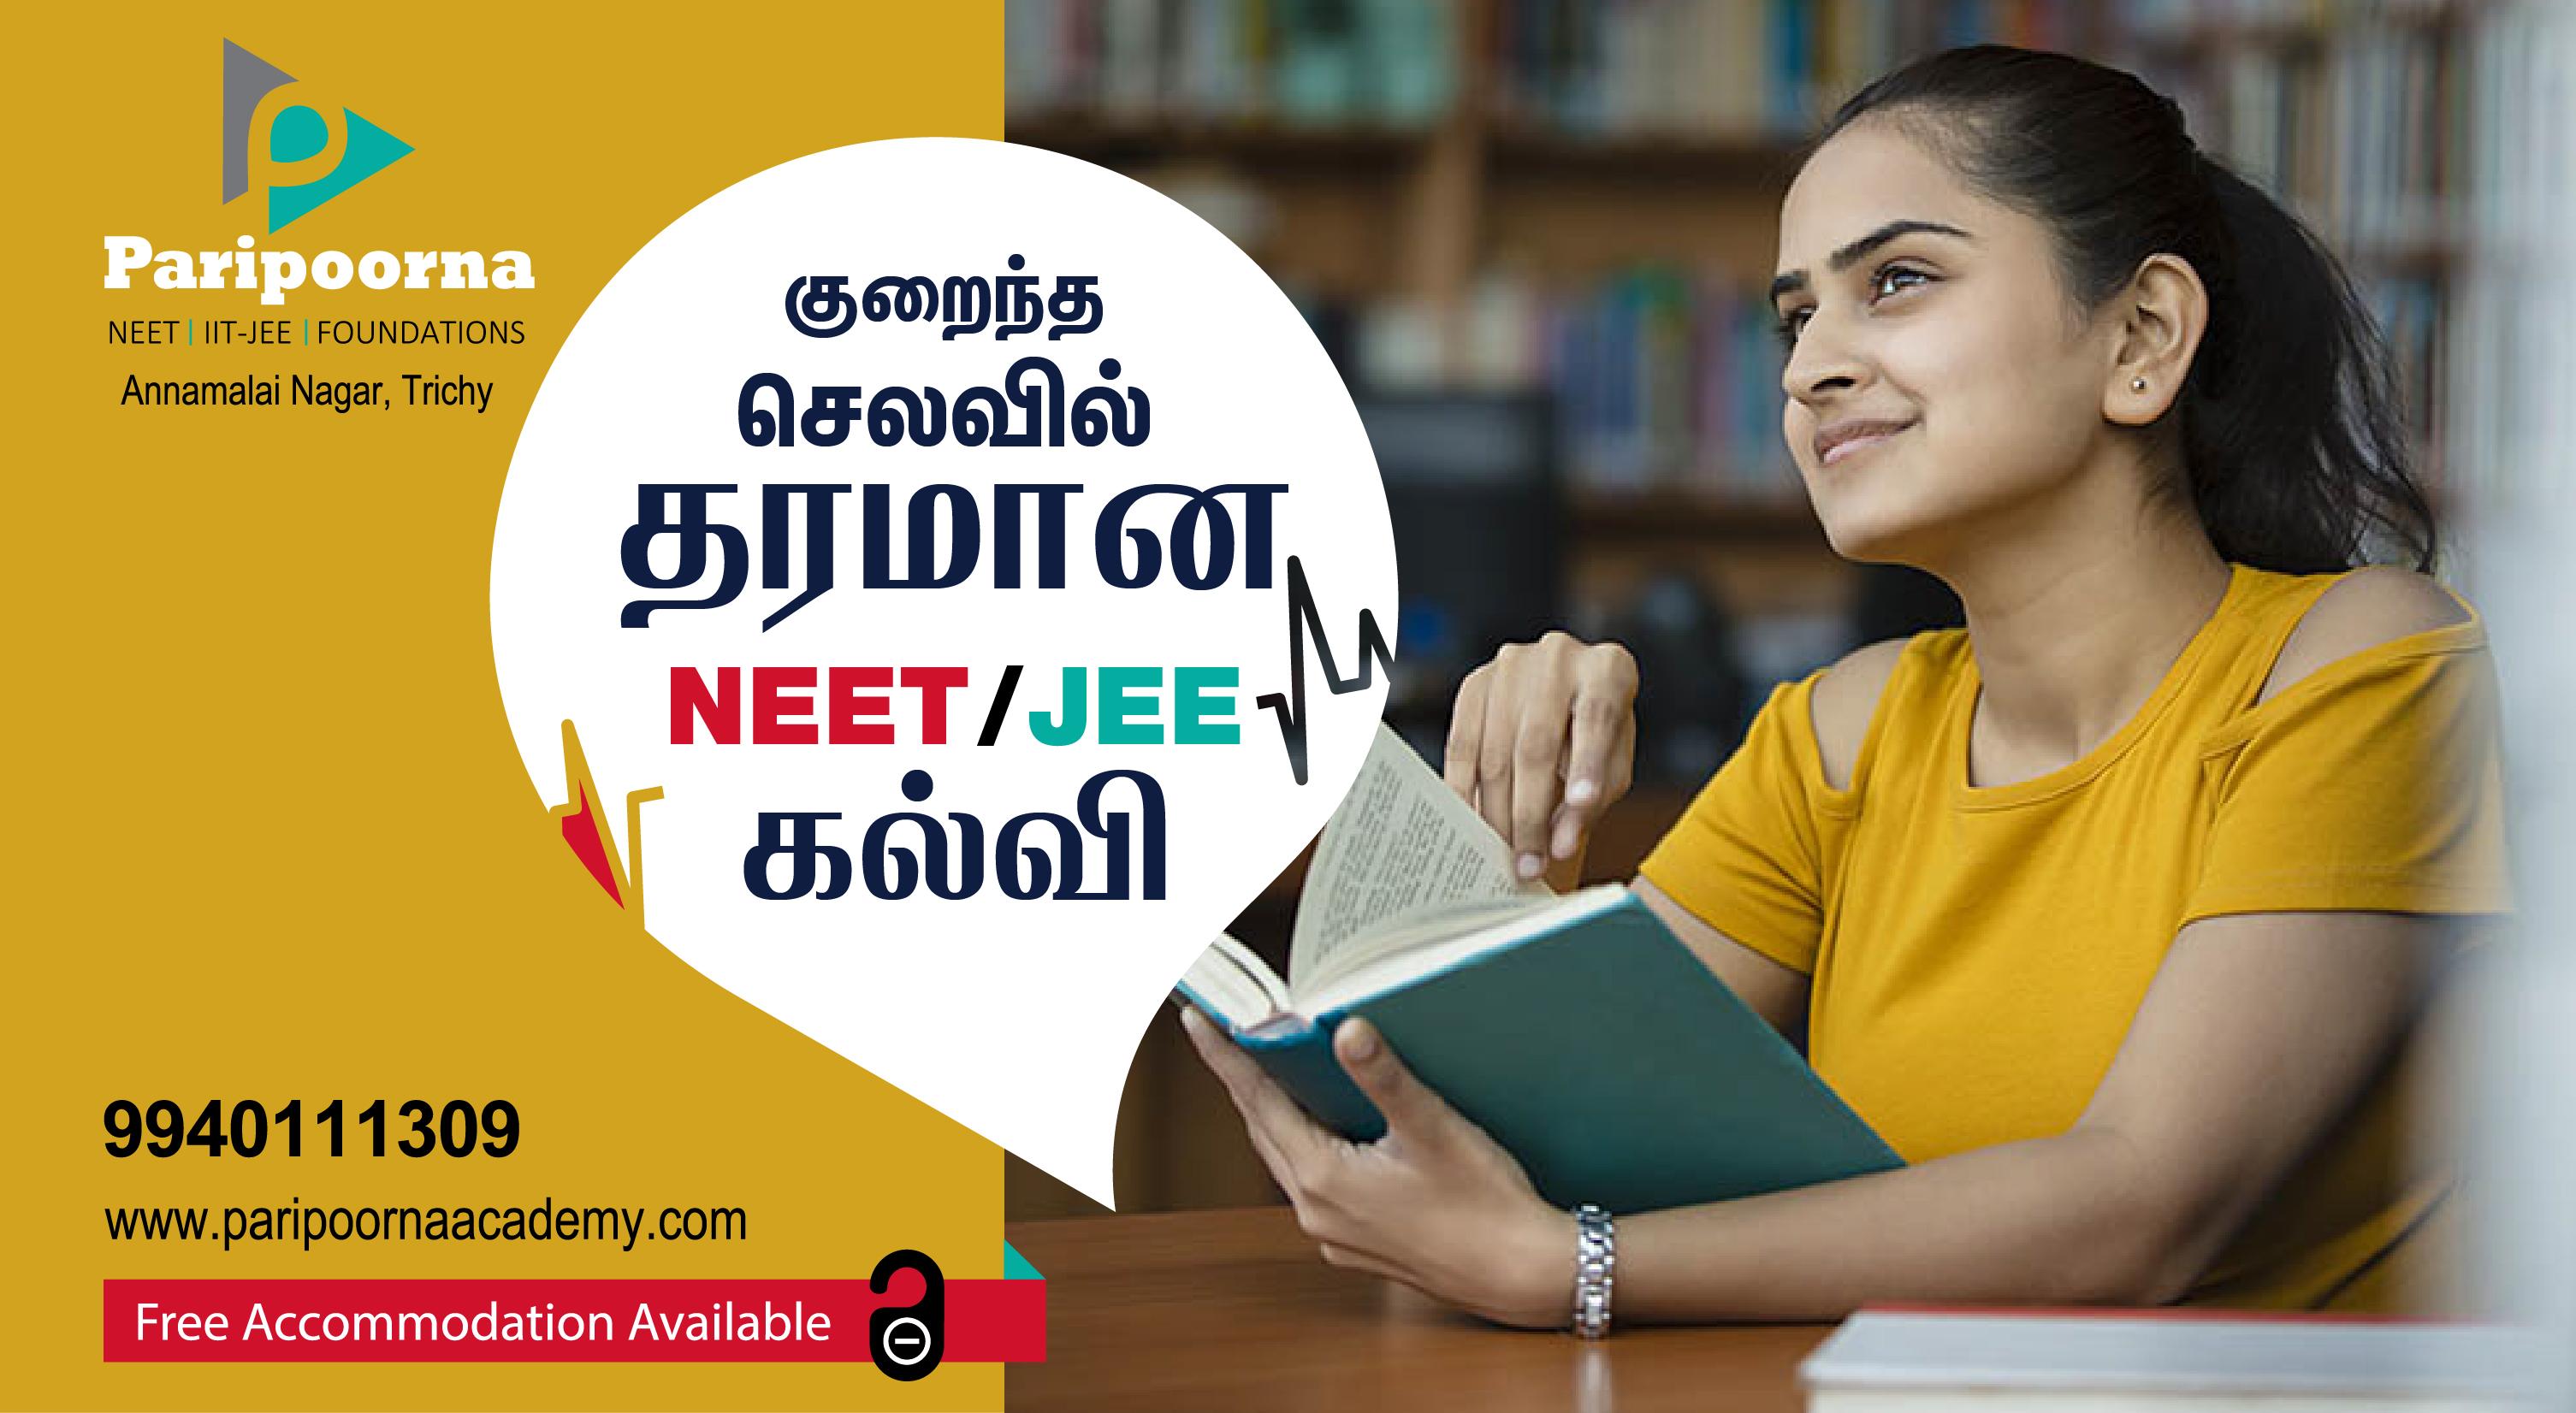 குறைந்த செலவில் தரமான NEET / JEE கல்வி